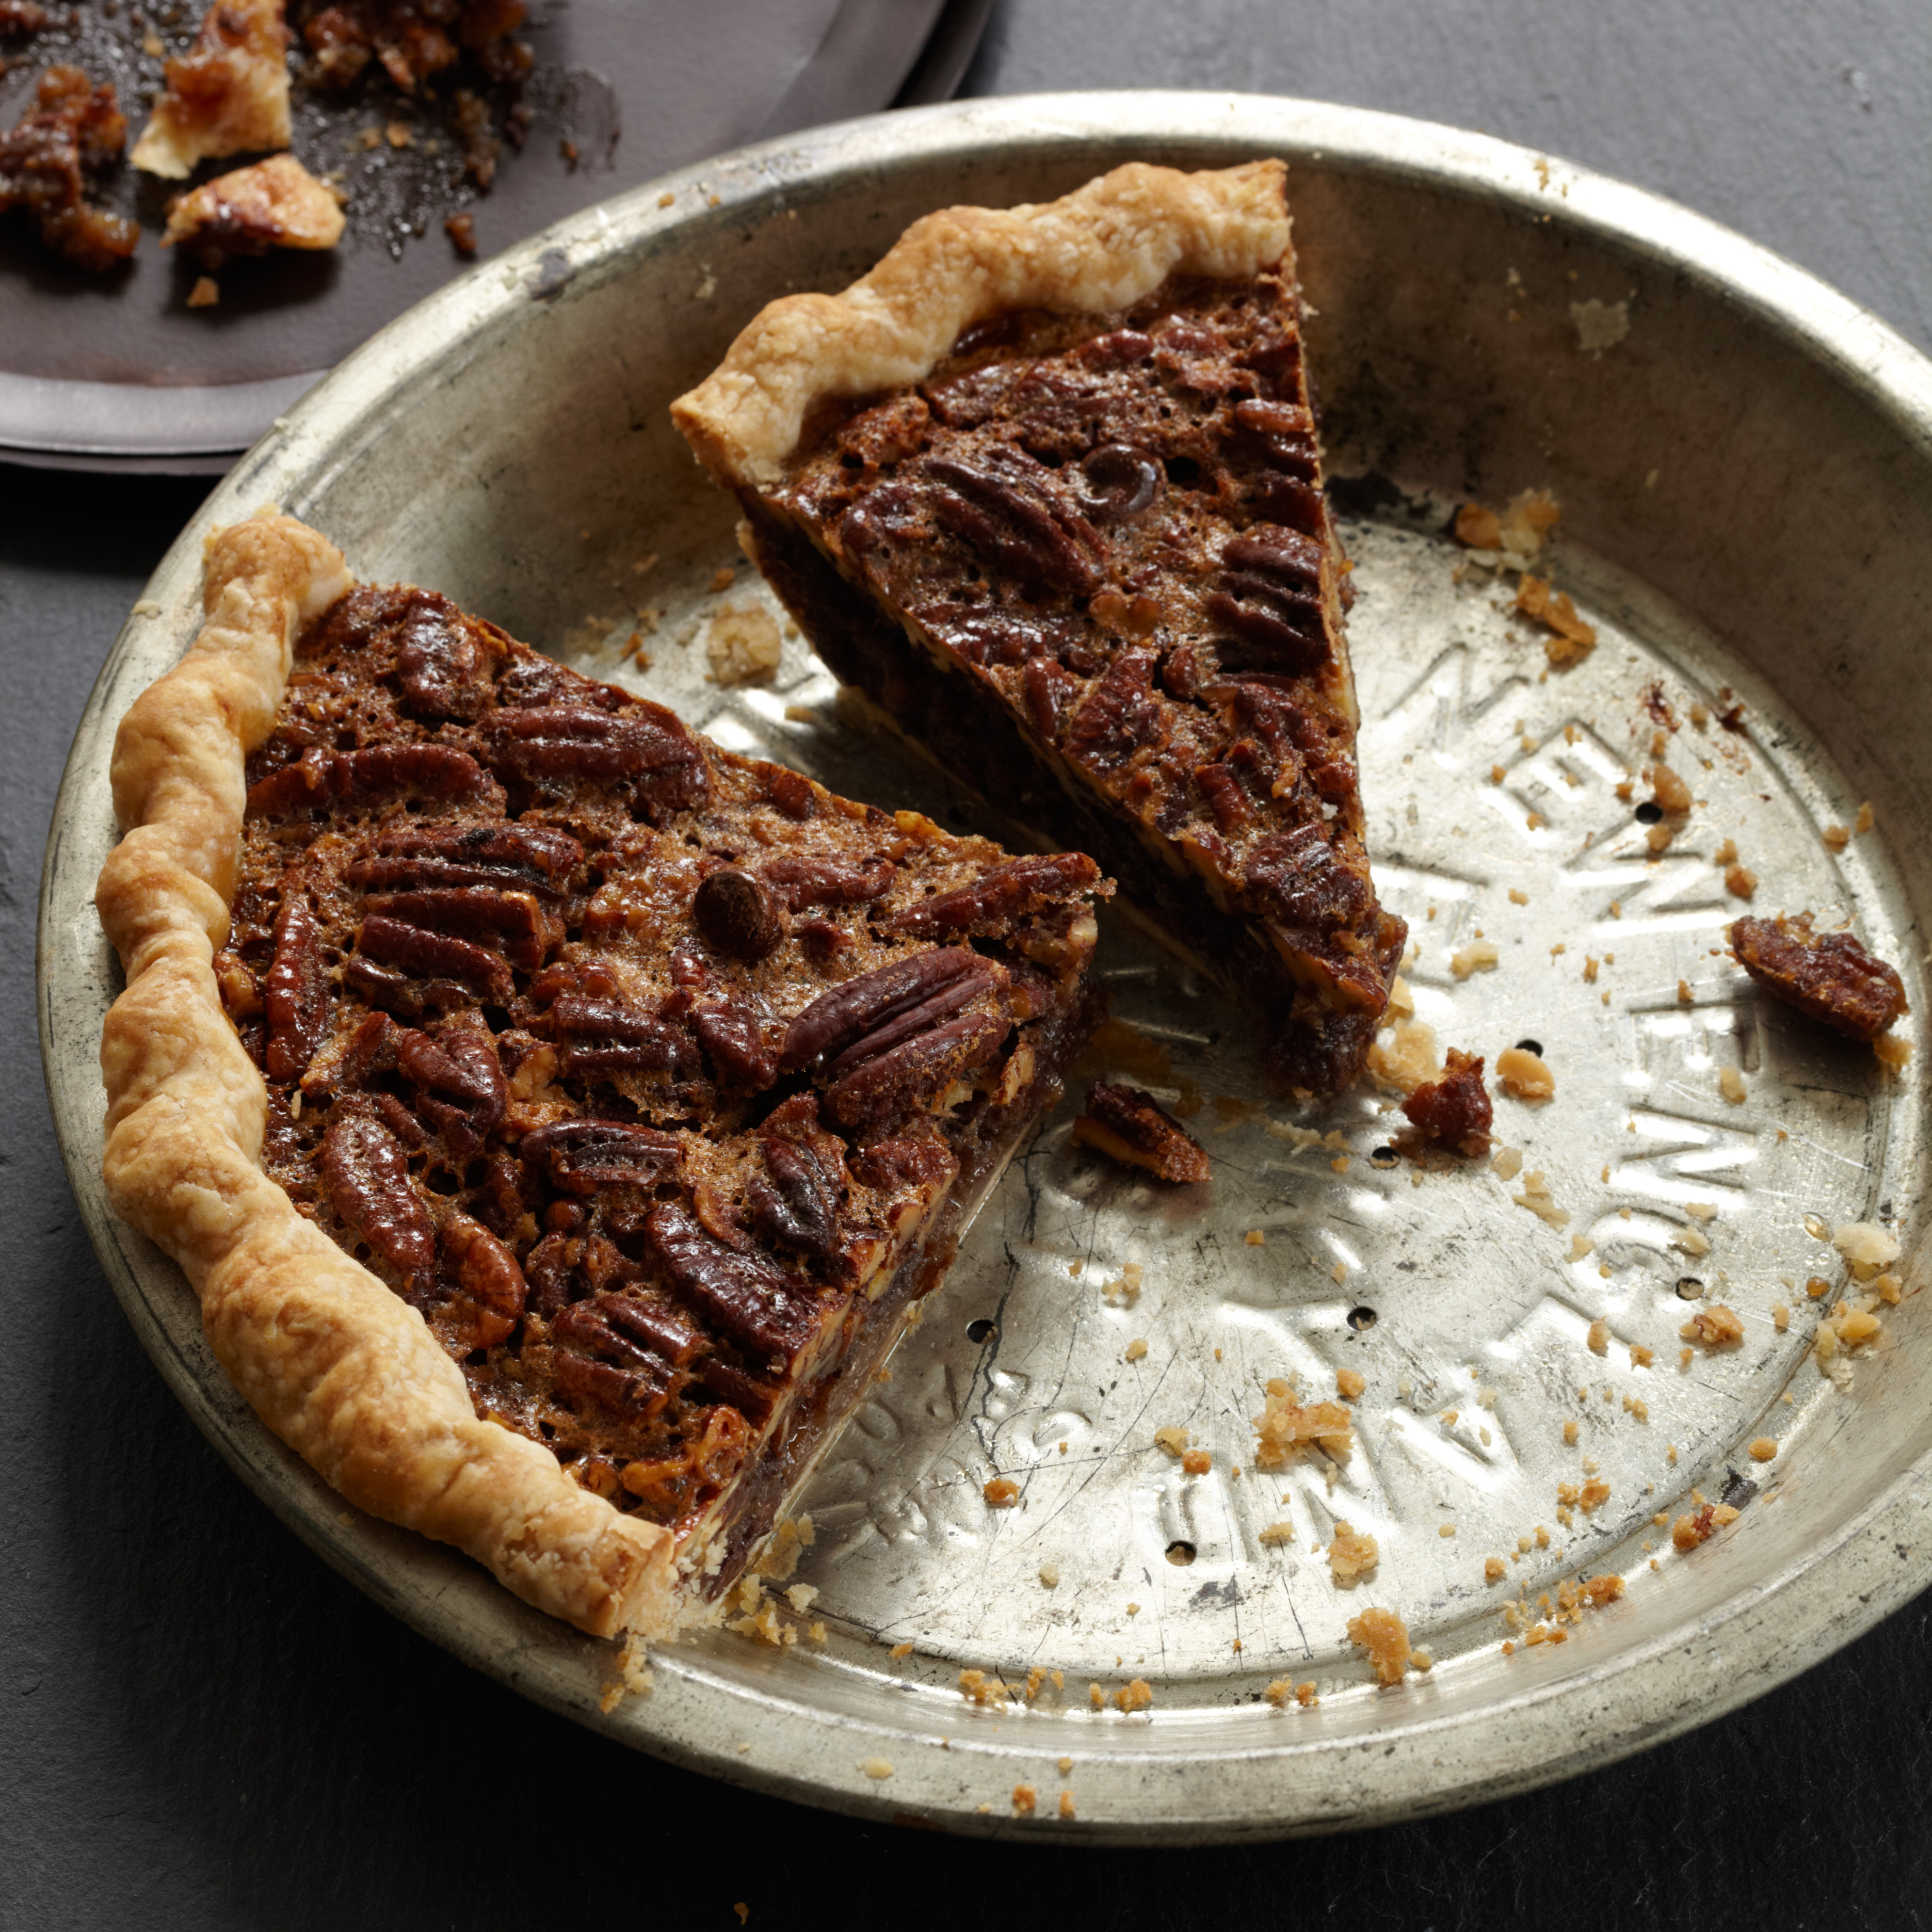 Chocolate Pecan Pie  Chocolate Pecan Pie with Bourbon Recipe David Lebovitz